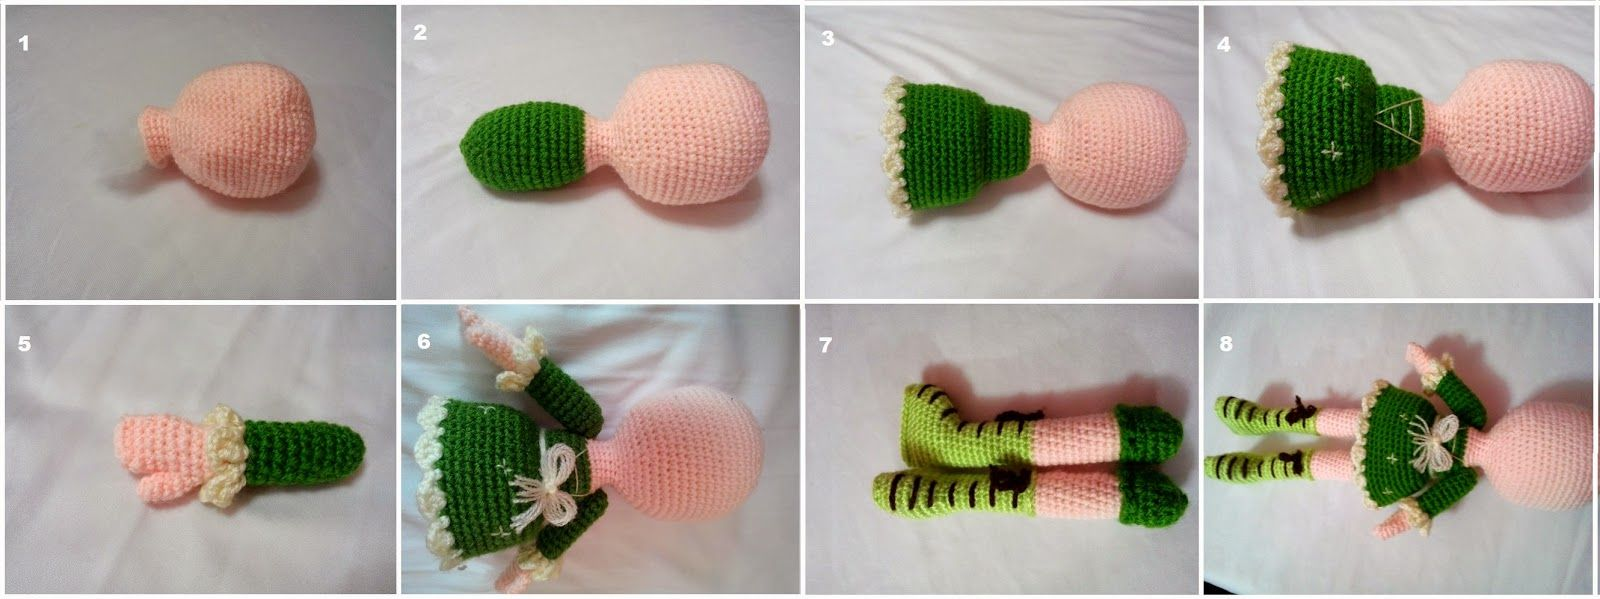 Kumaş-ile-tasarlanan-pembe-panter-oyuncak-modeli-yapılış-aşaması